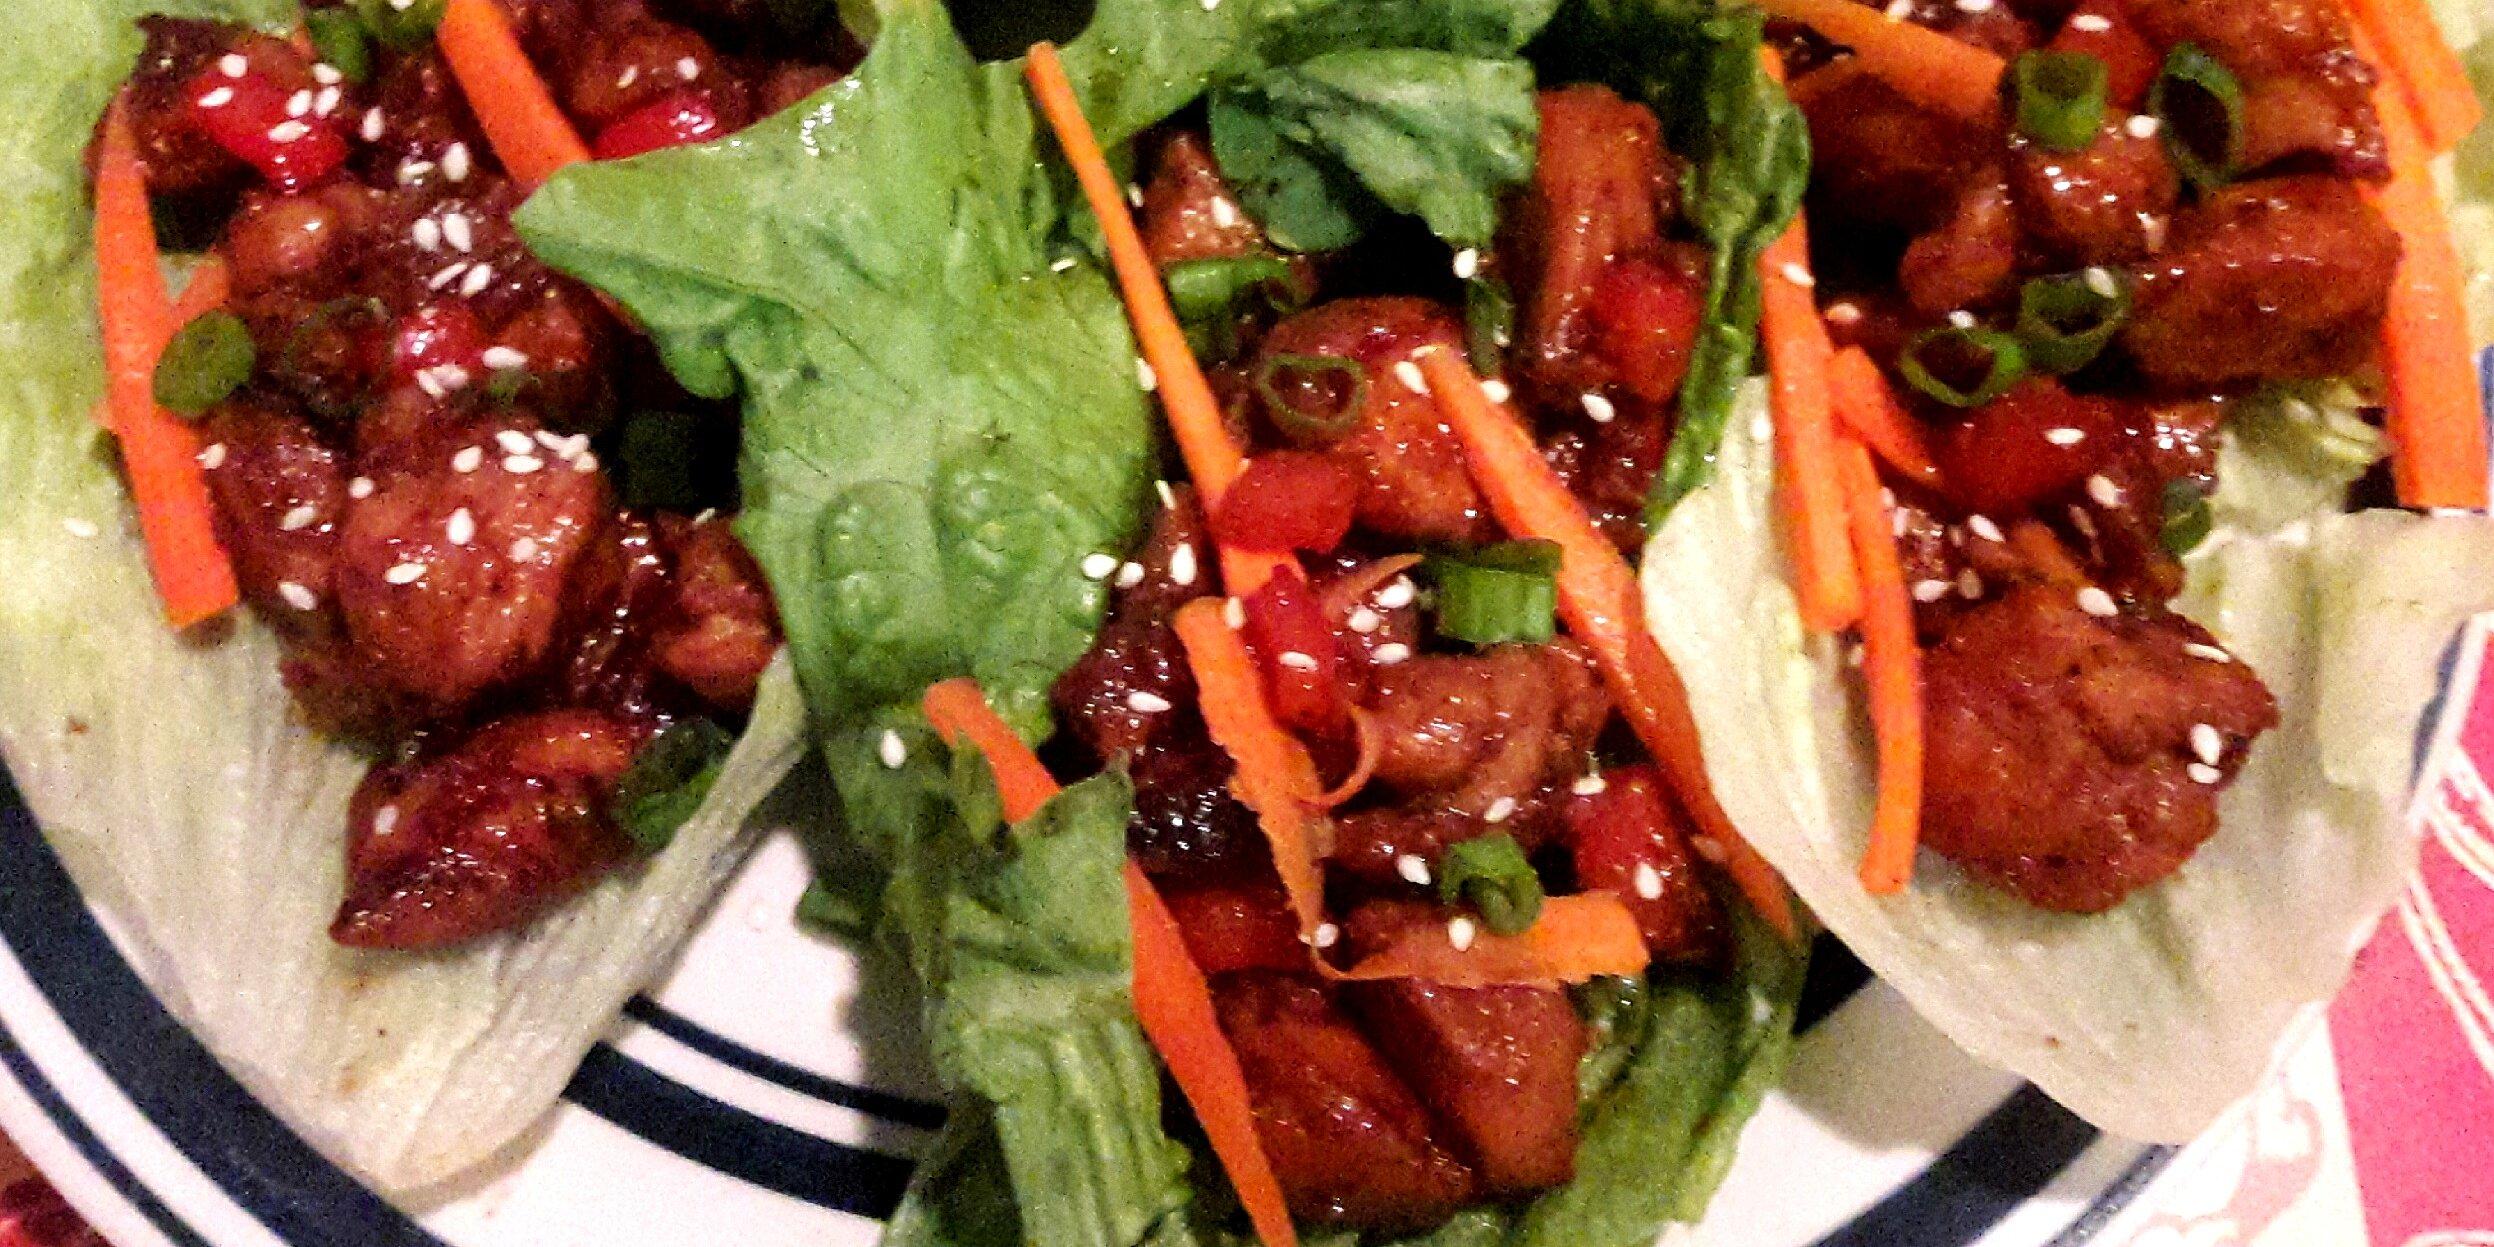 chef johns chicken lettuce wraps recipe